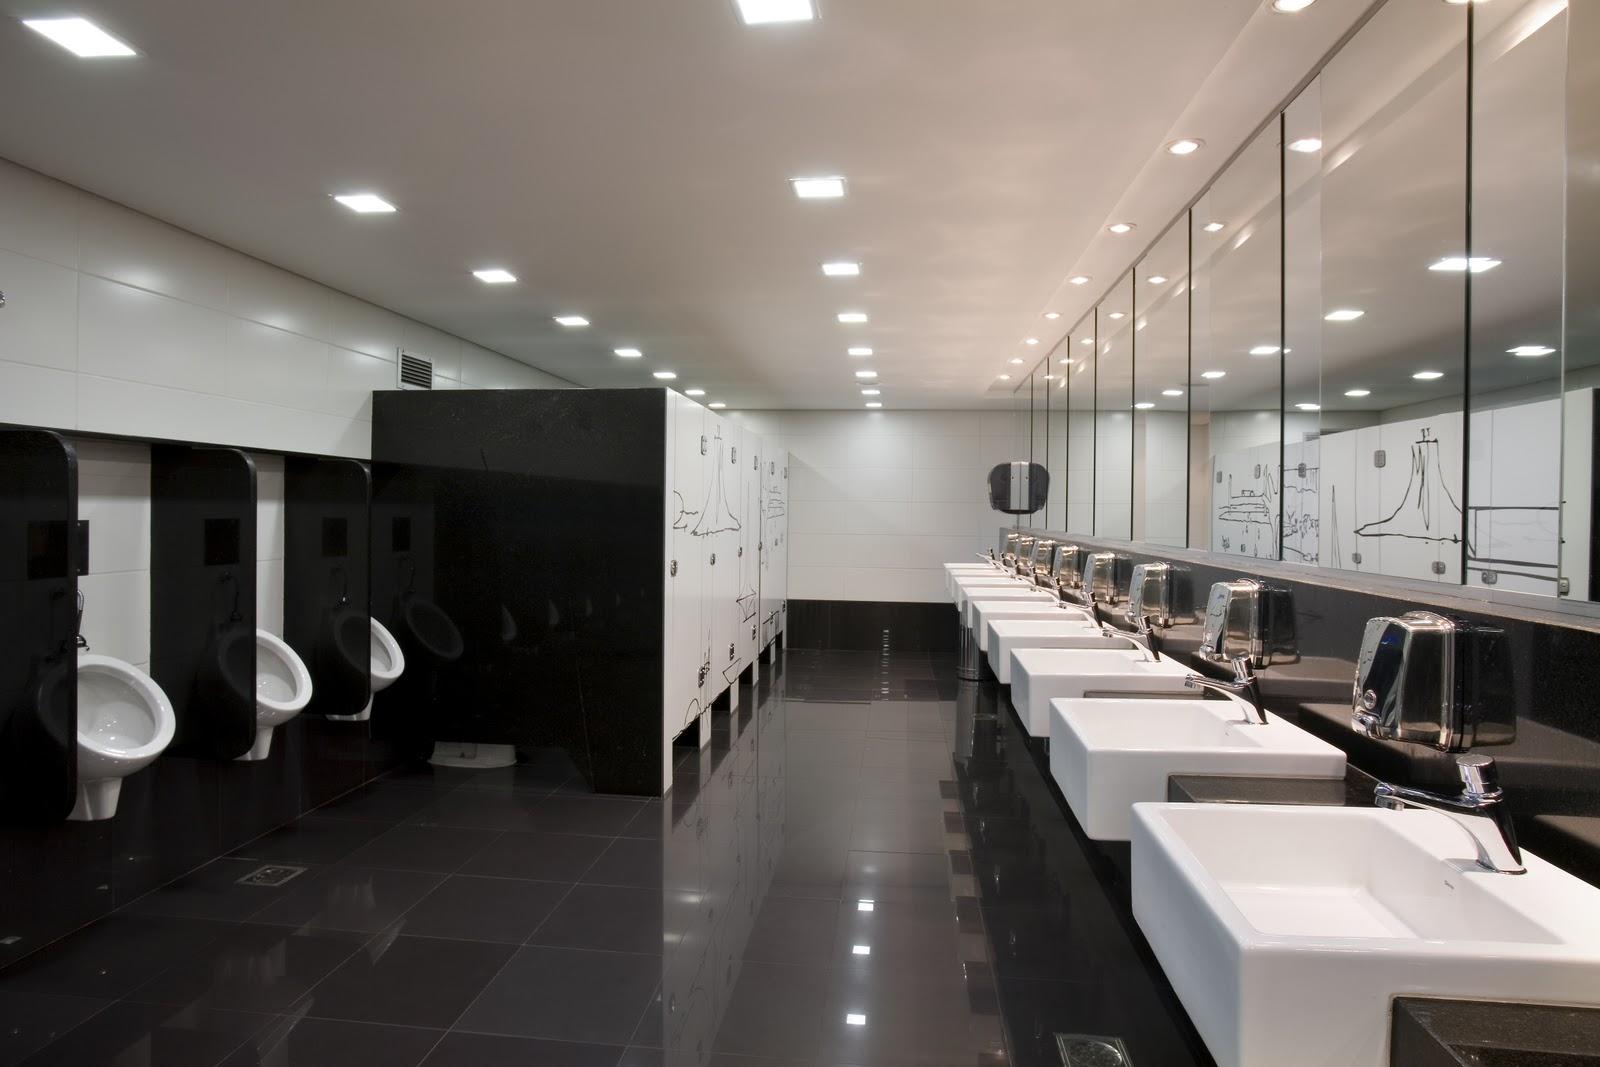 Arquiteto Daltônico: Banheiros Públicos Brasília Shopping #766455 1600 1067